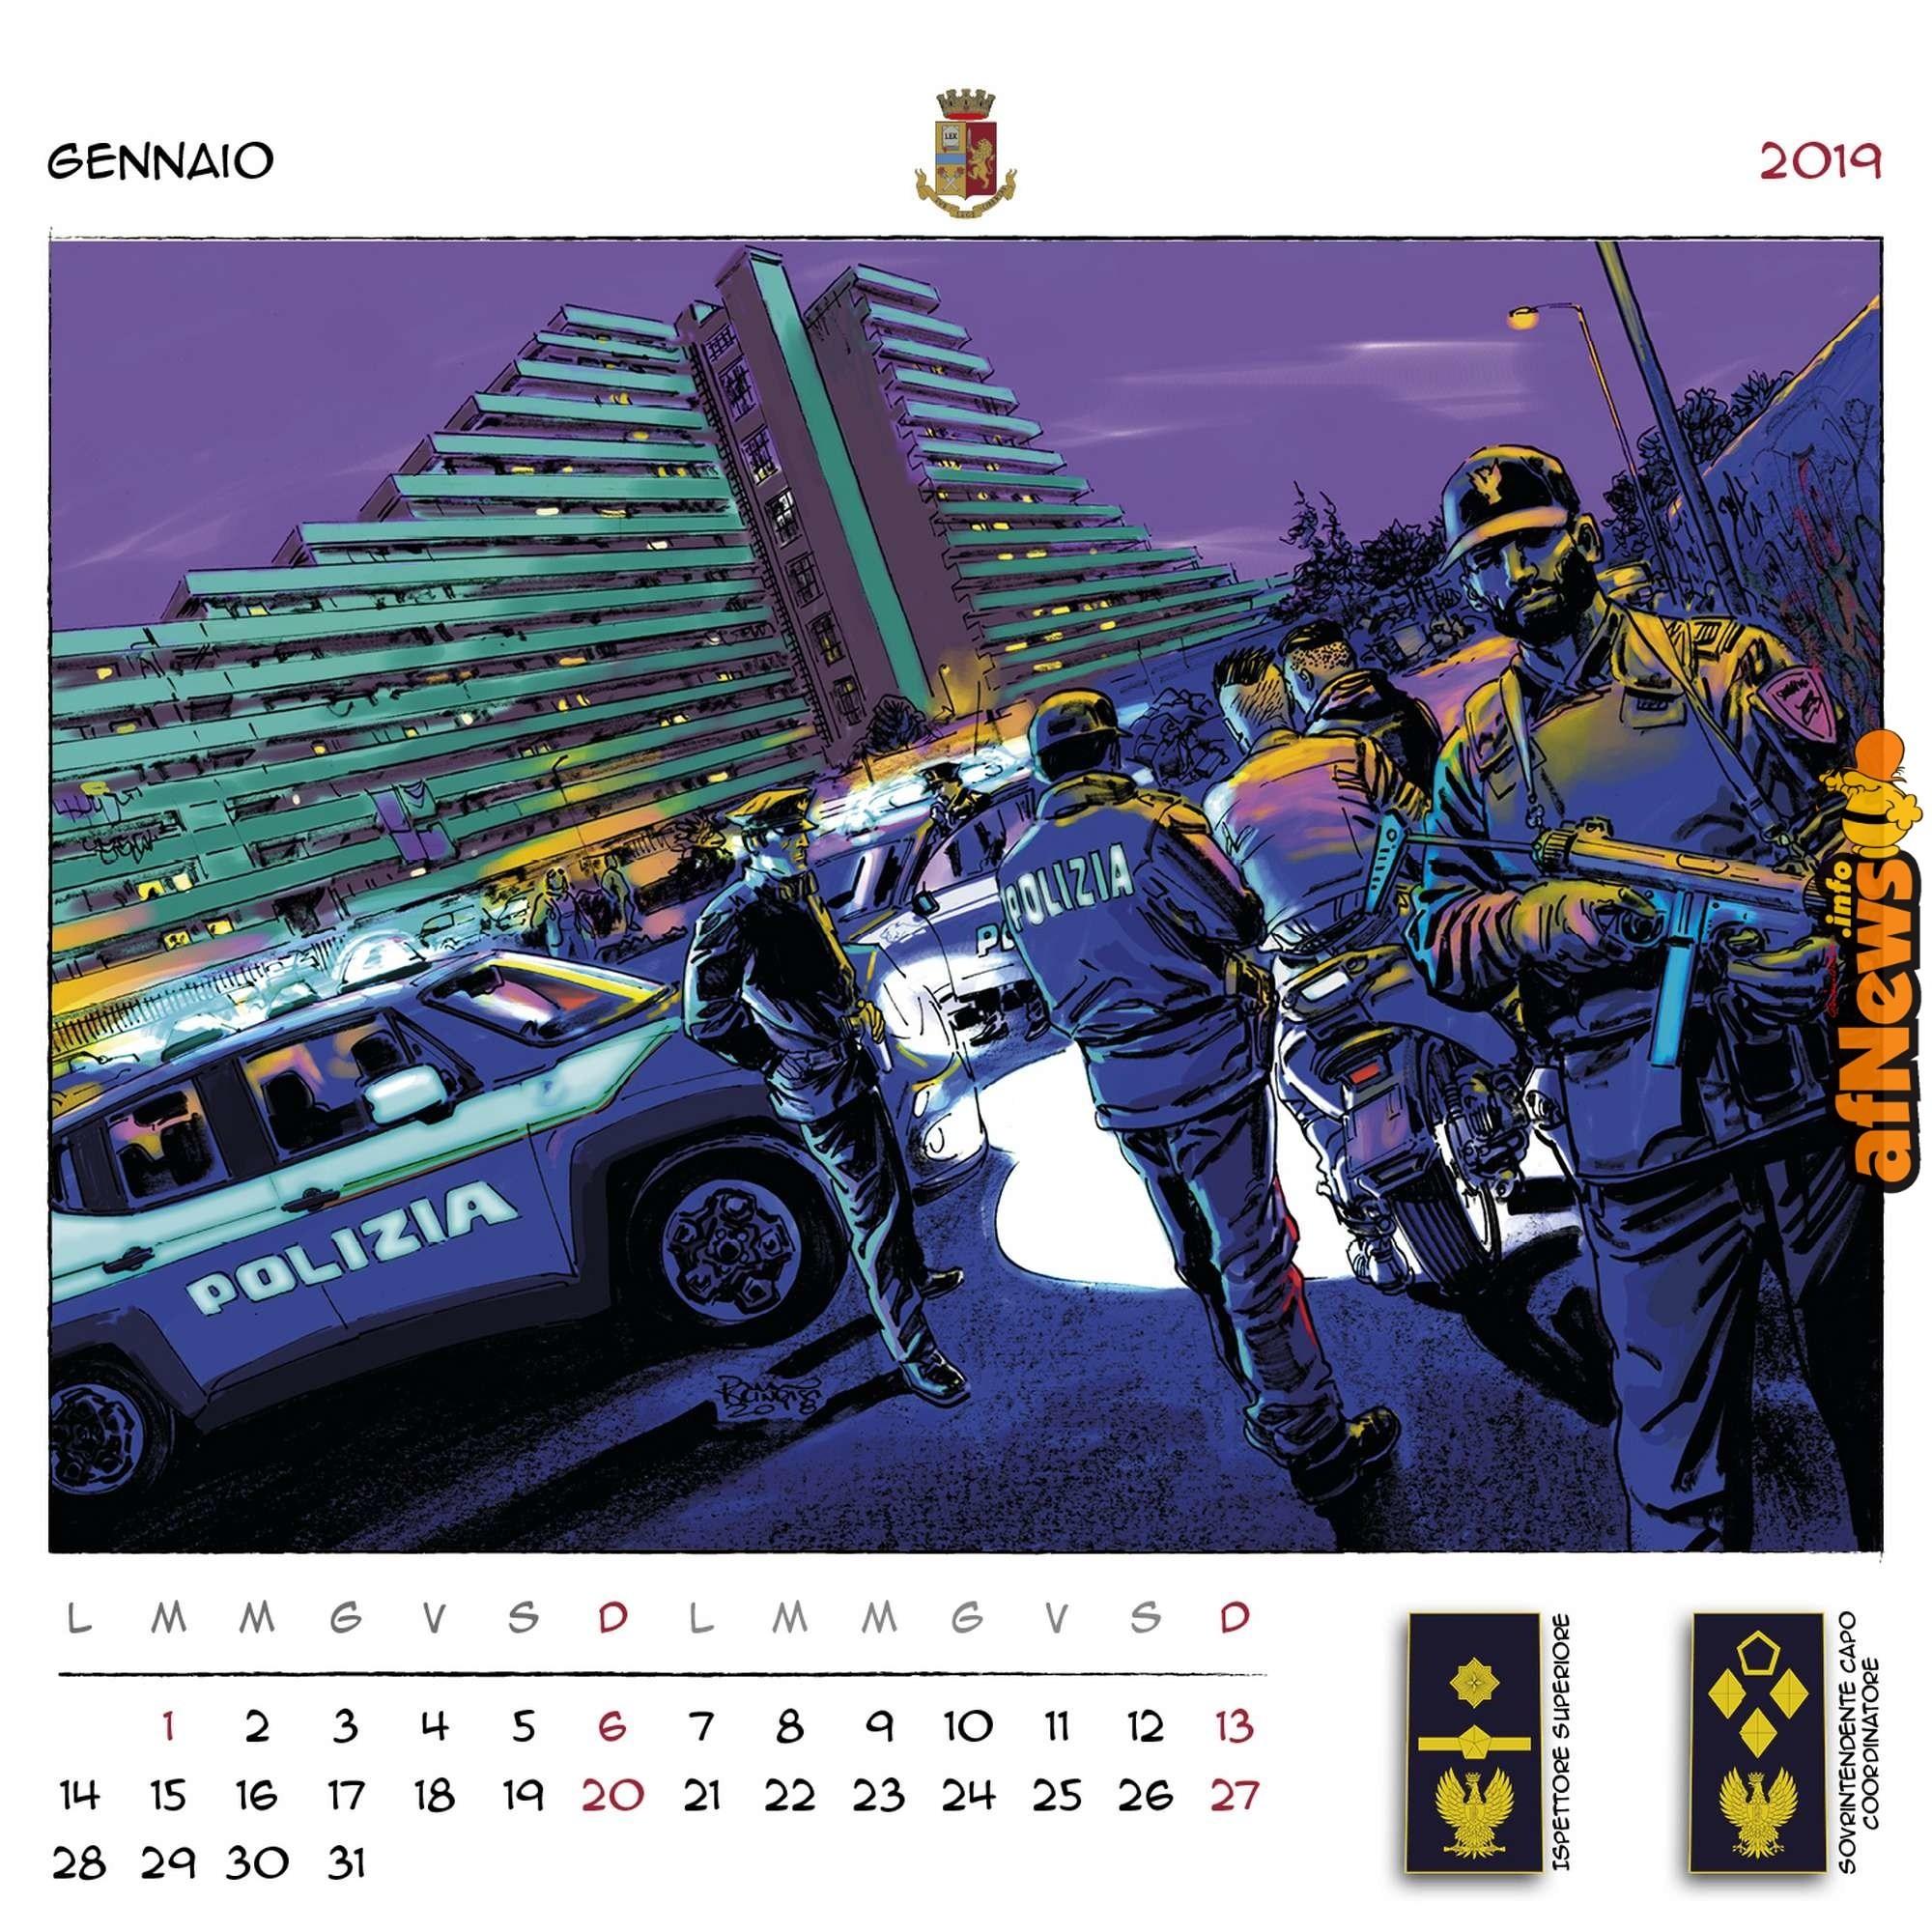 Calendario Annuale 2019 Stampabile Más Caliente Unicef E Polizia Di Stato 12 Fumettisti Per Il Calendario 2019 Of Calendario Annuale 2019 Stampabile Más Recientes Dopolavoro Ferroviario Di Pisa